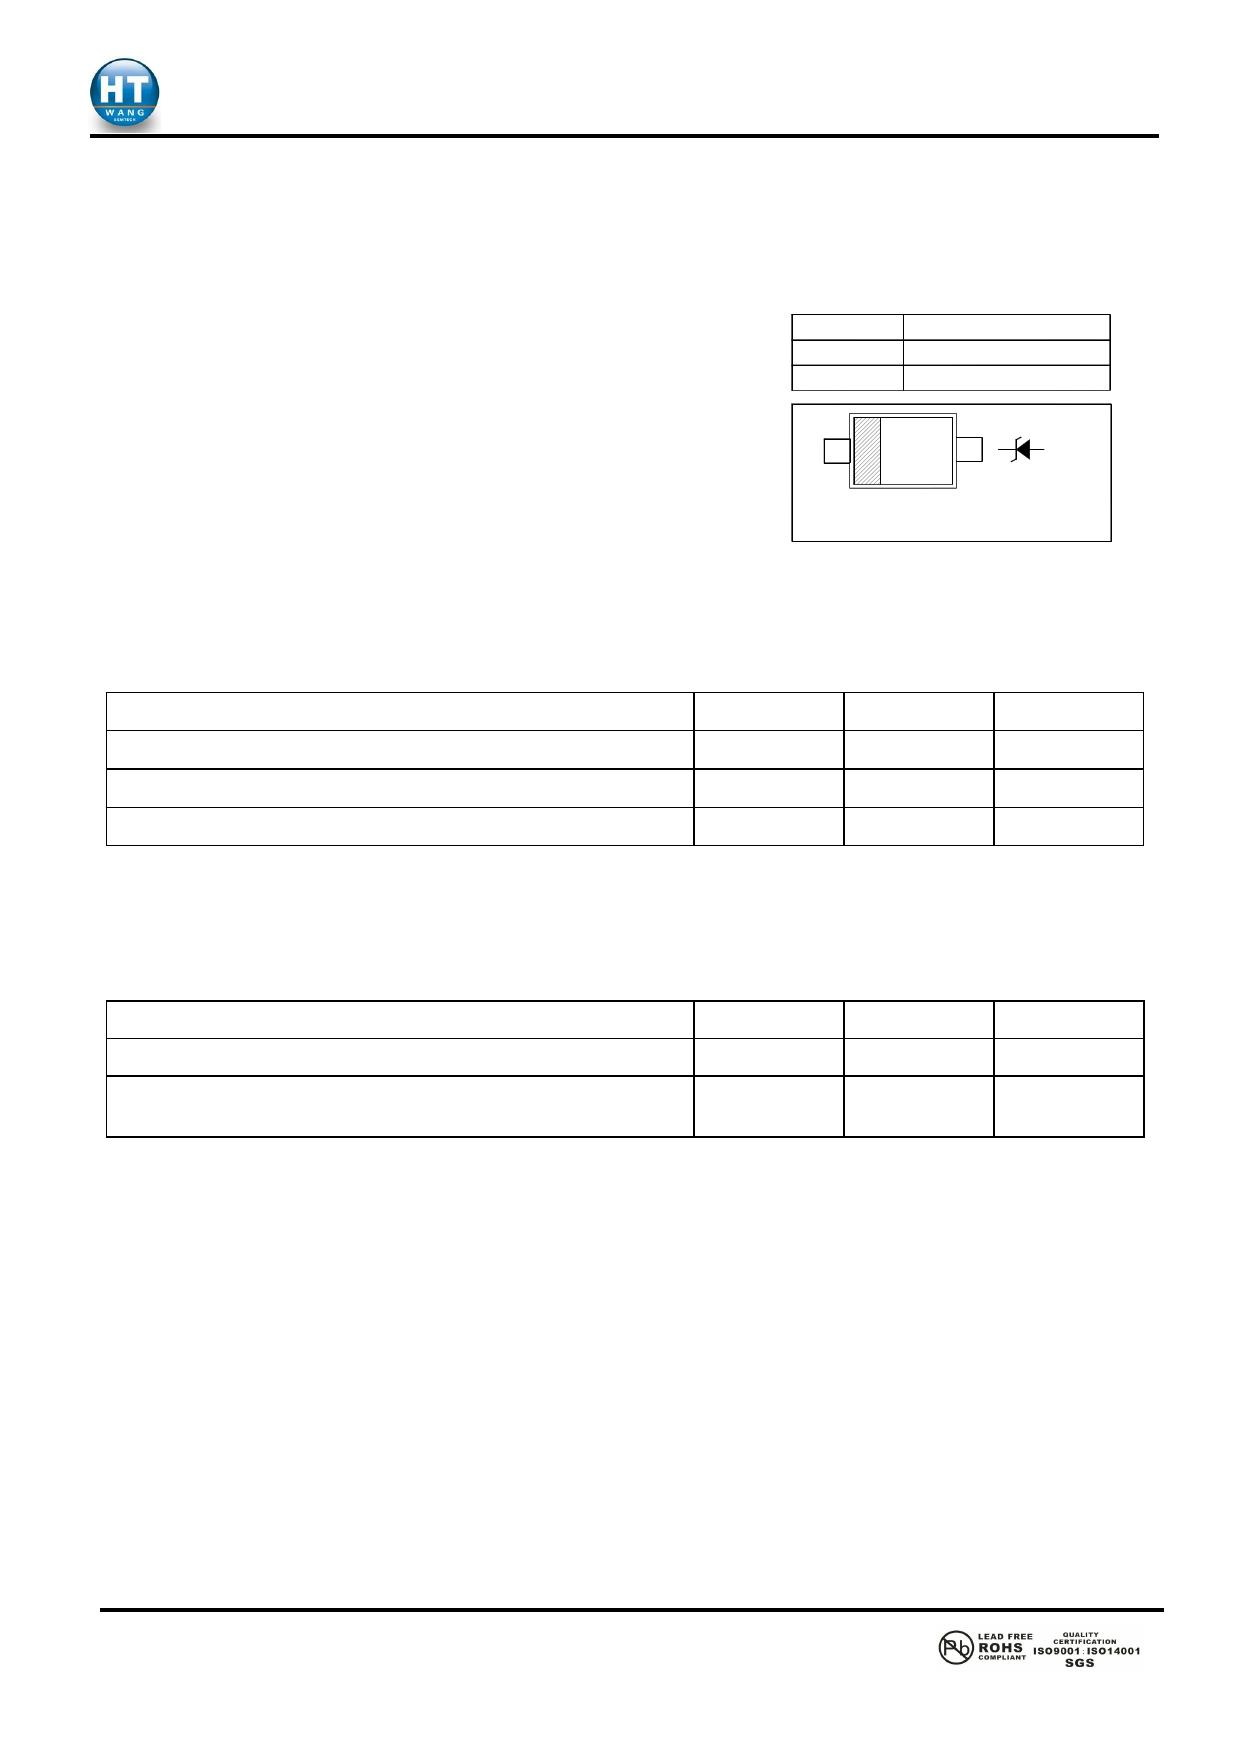 MM1Z6V8 datasheet